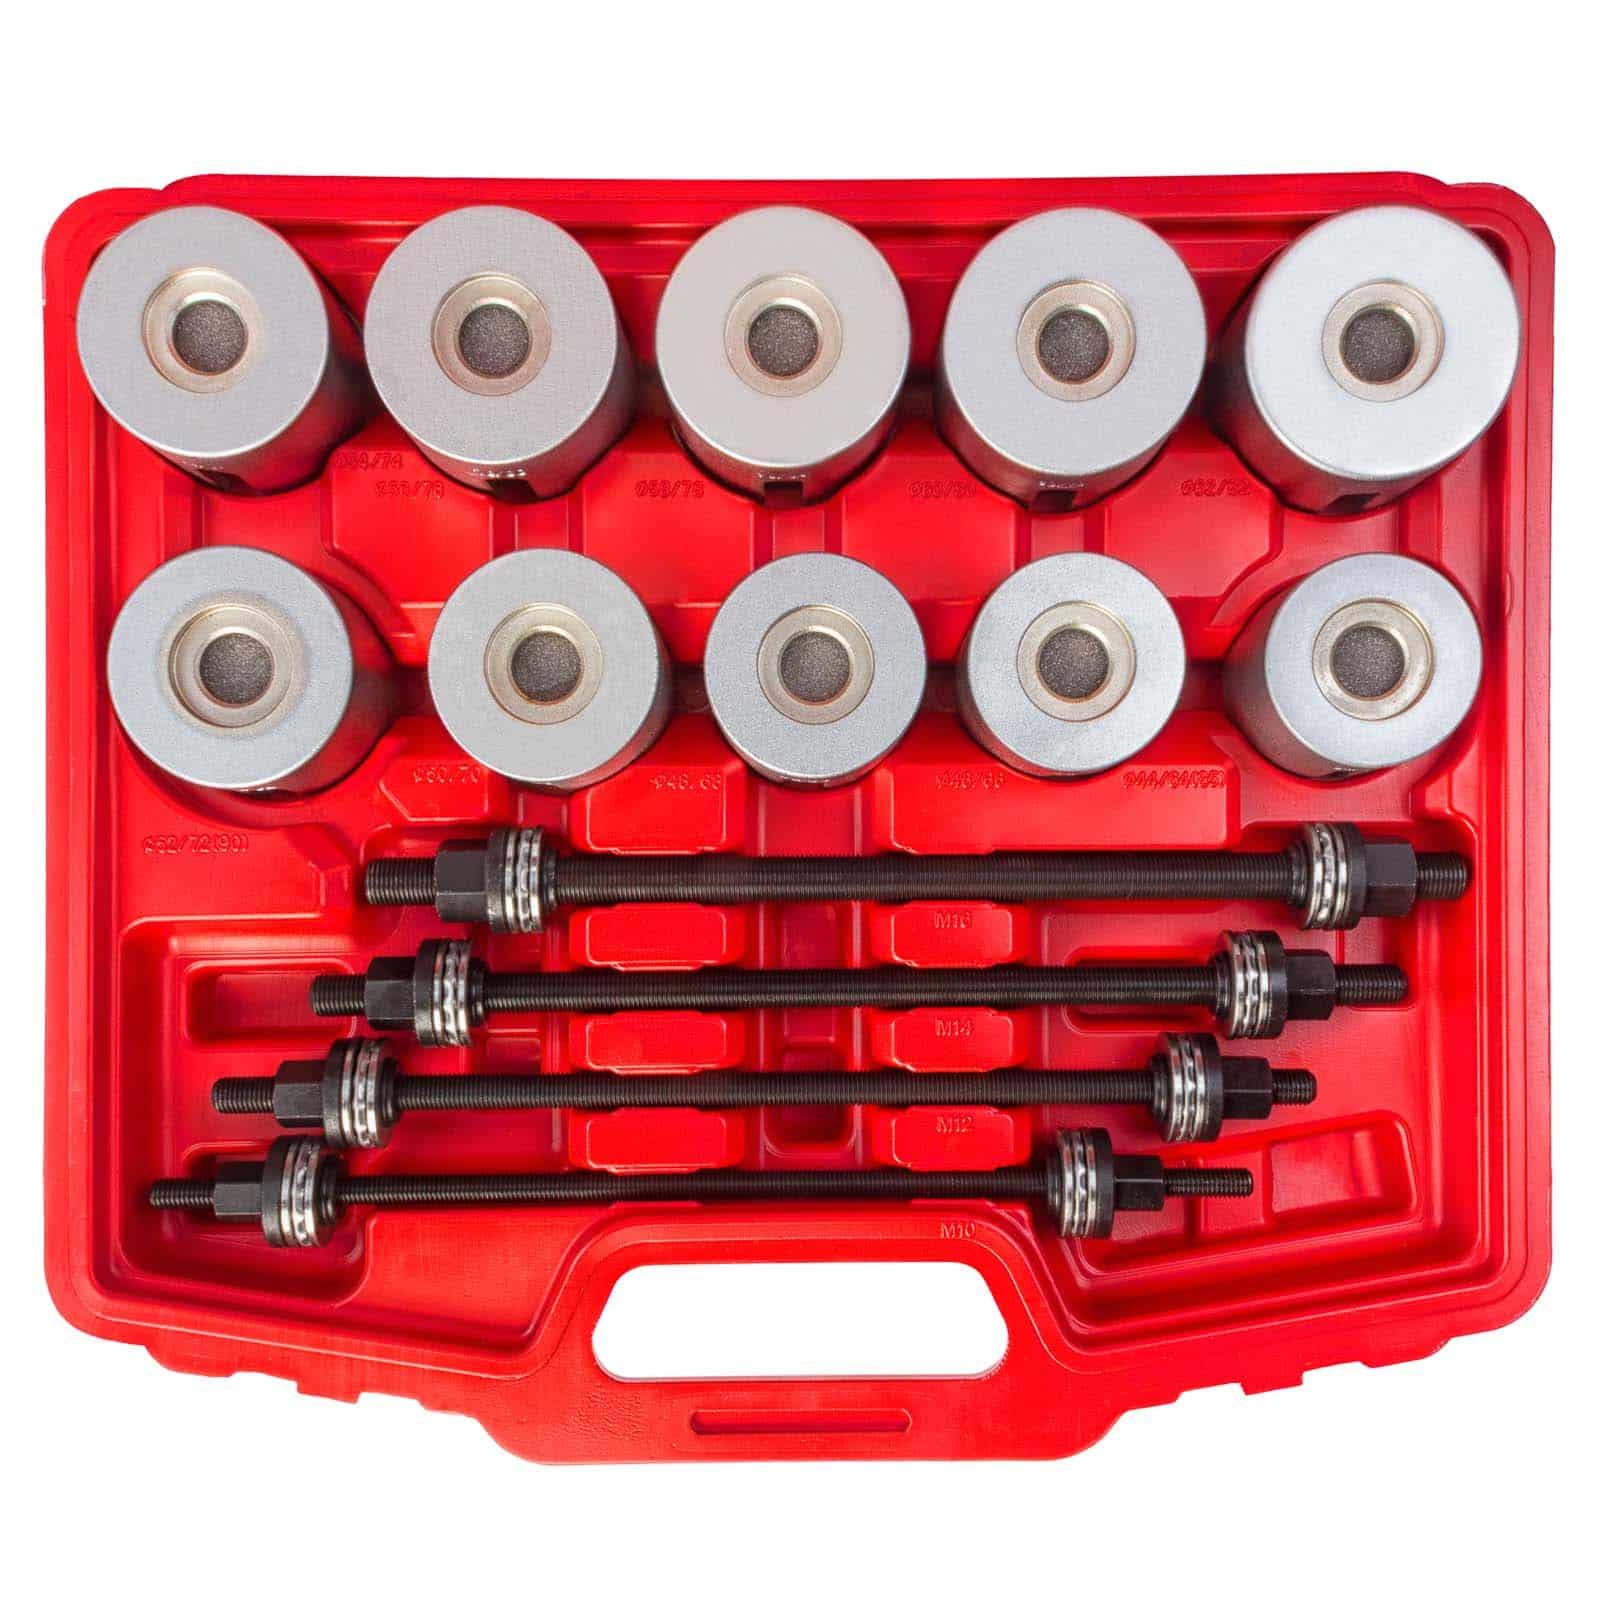 hanSe® Werkzeuge 24-delige wiellager montage en demontage set